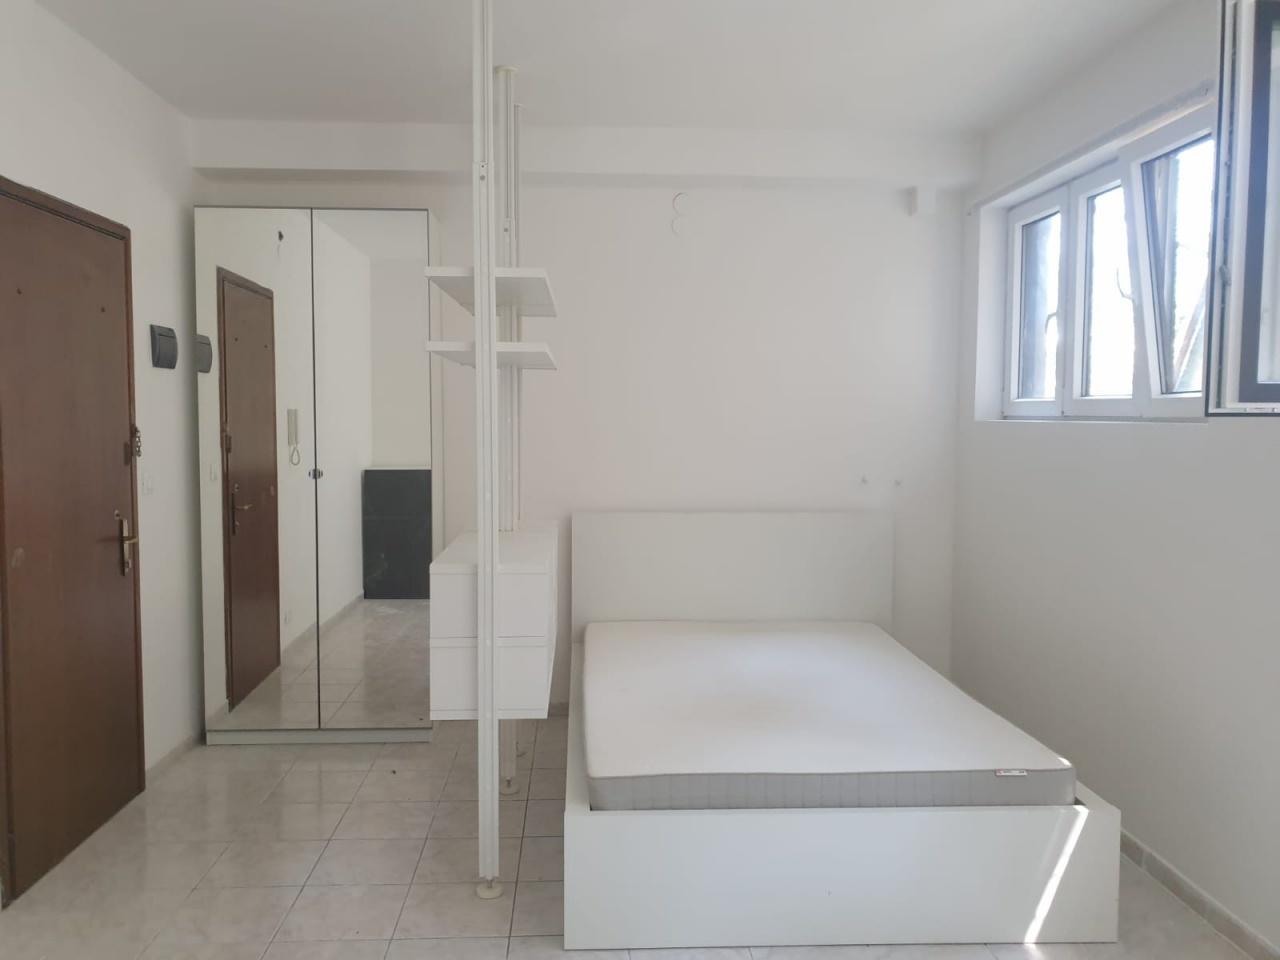 Appartamento TRIESTE 3191